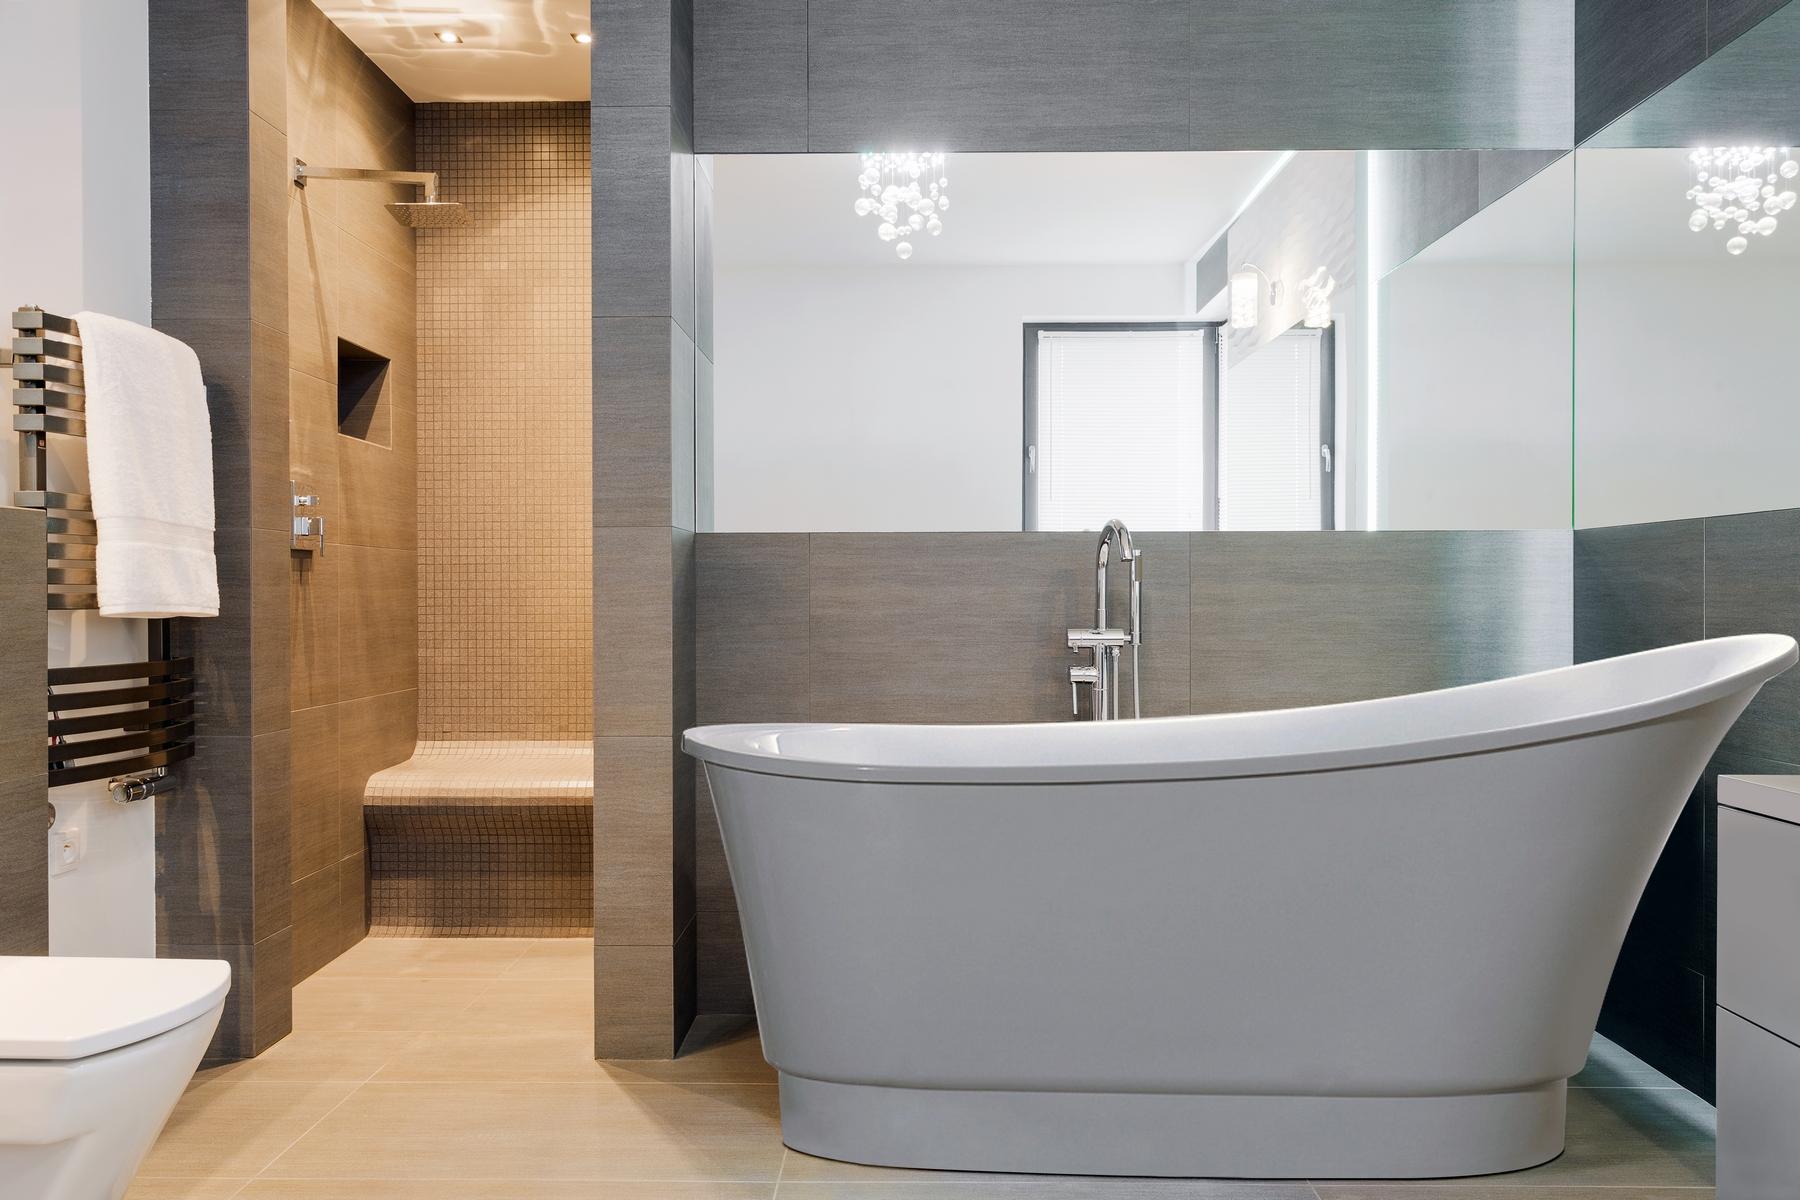 Vasca Da Bagno Del Tempo : Purescape 060 la vasca da bagno freestanding aquatica in materiale